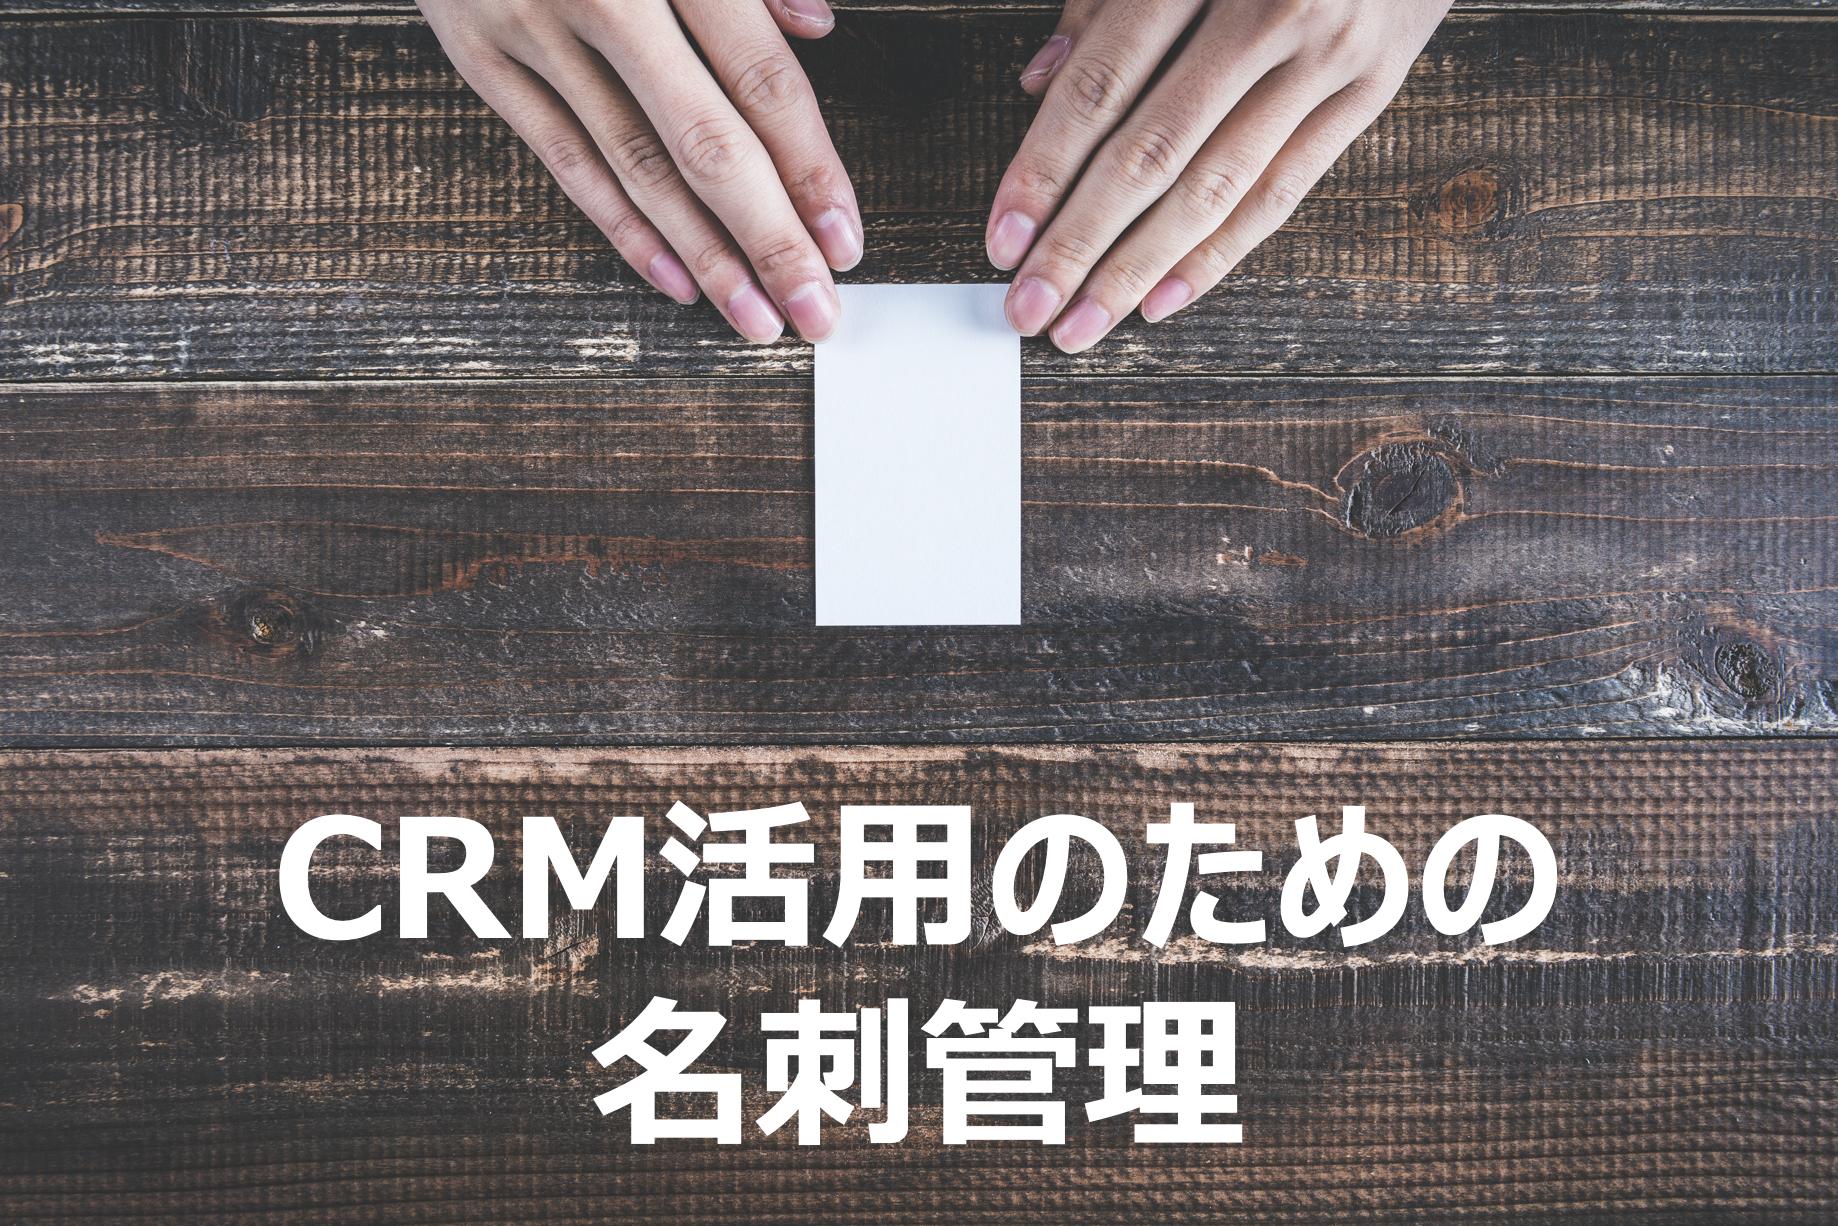 CRMの活用を広げる『名刺管理』~①準備編~